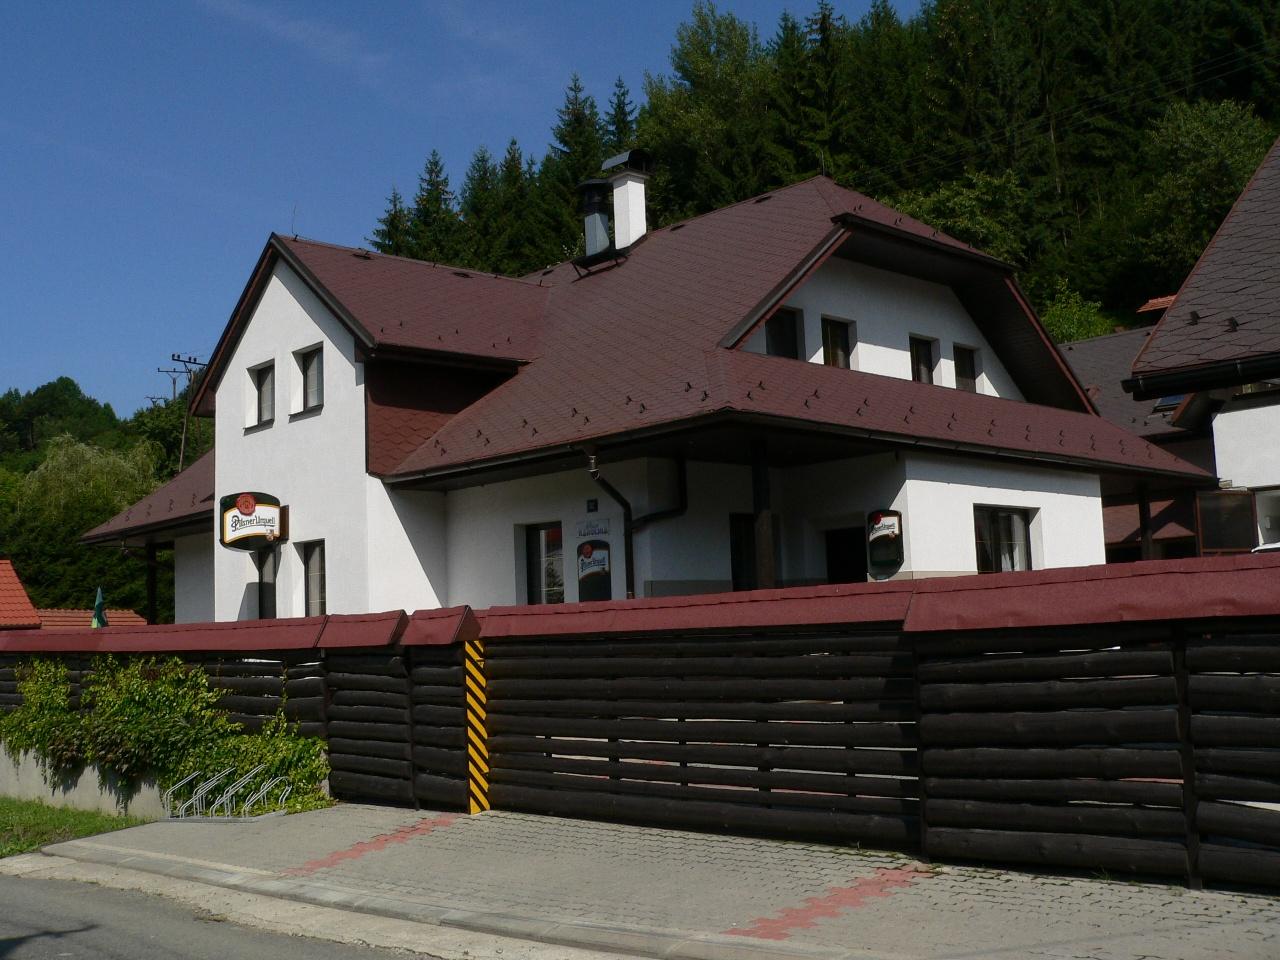 Penzion se nachází v obci Trnava cca 20 km od Zlína.